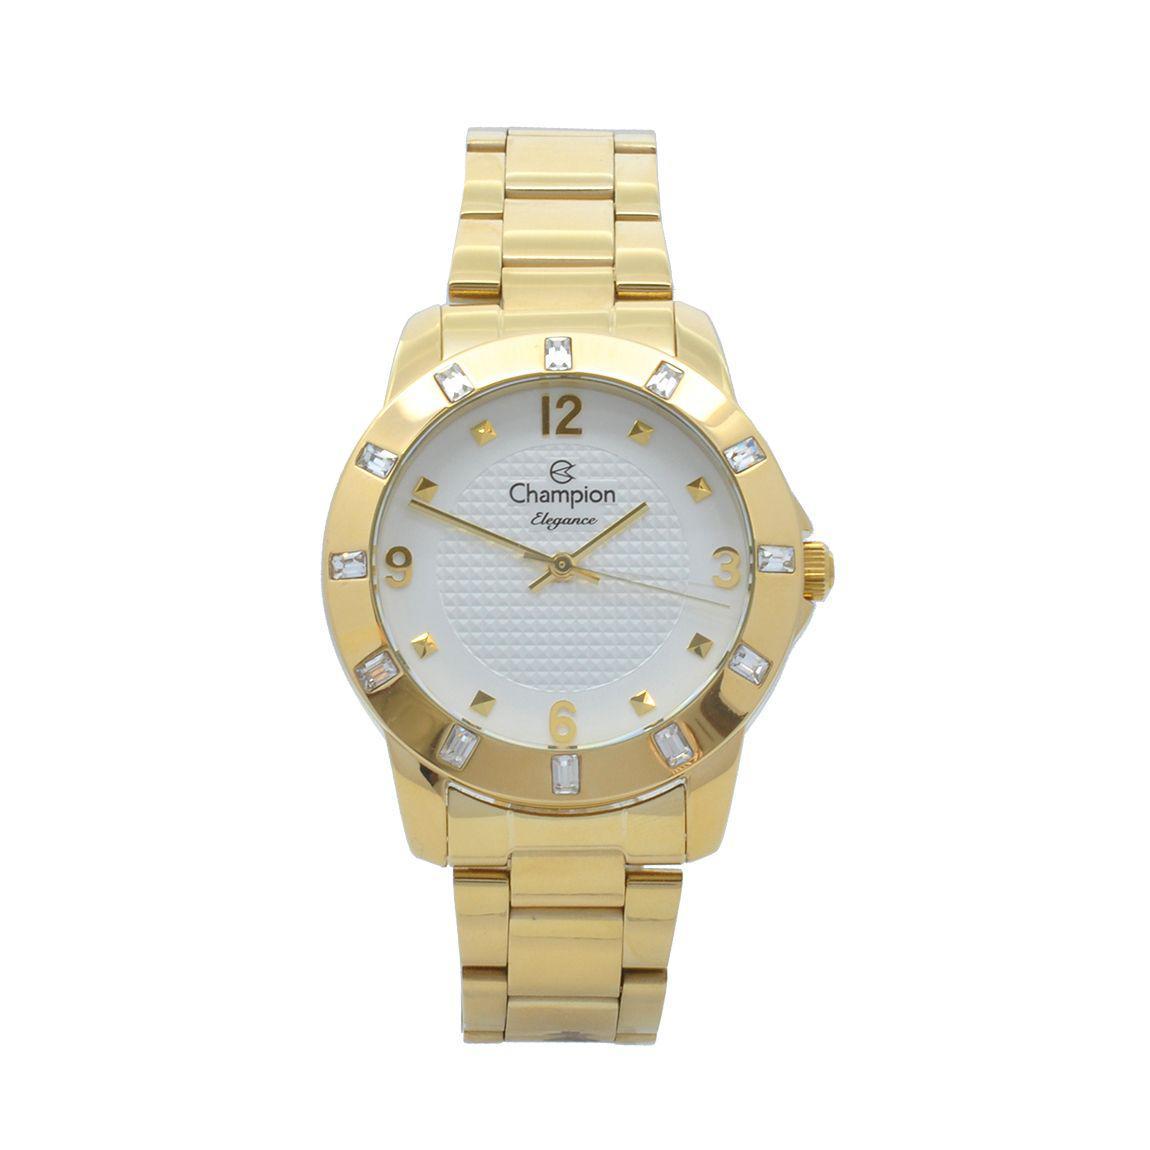 Relógio de Pulso Champion Feminino Kit com Brinco e Corrente CN27312W -  Dourado - Champion watch R  209,00 à vista. Adicionar à sacola 886aeaf45f